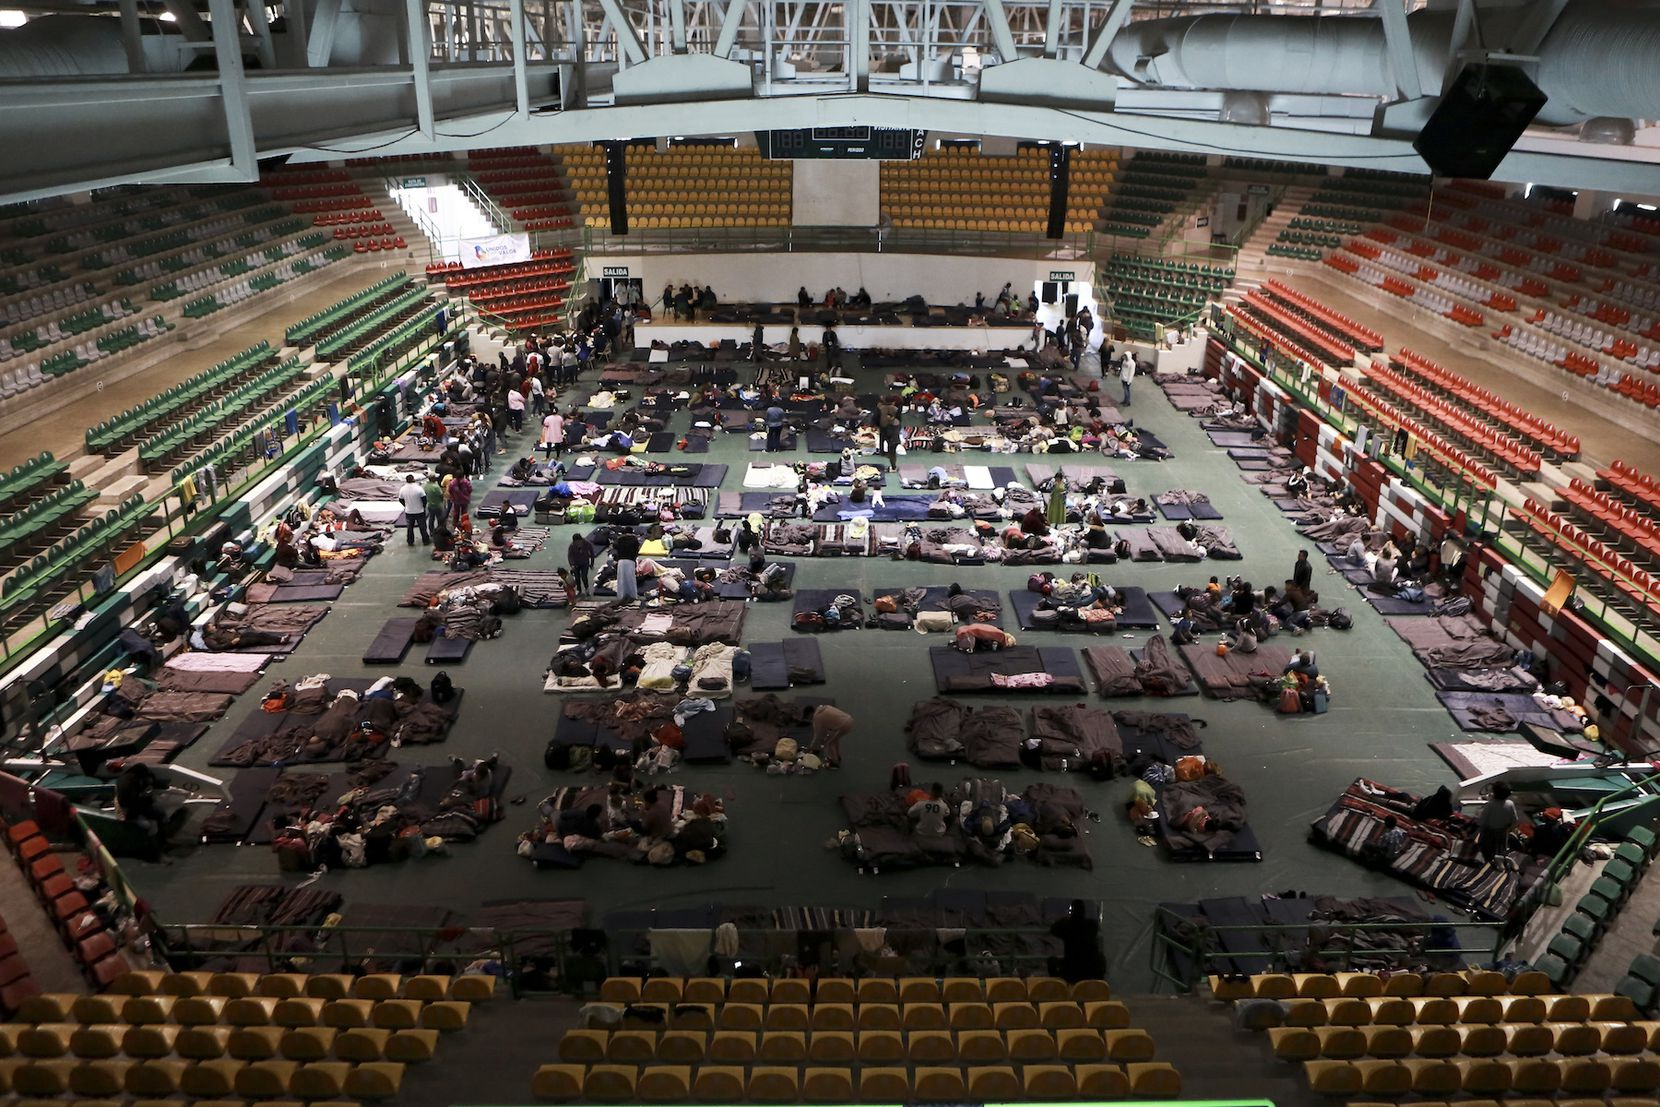 Migrantes de Centroamérica, Africa y el Caribe son atendidos en el Gimnasio del Colegio de Bachilleres de Ciudad Juárez, en espera de solicitar asilo migratorio en Estados Unidos. (AP Photo/Christian Torres)